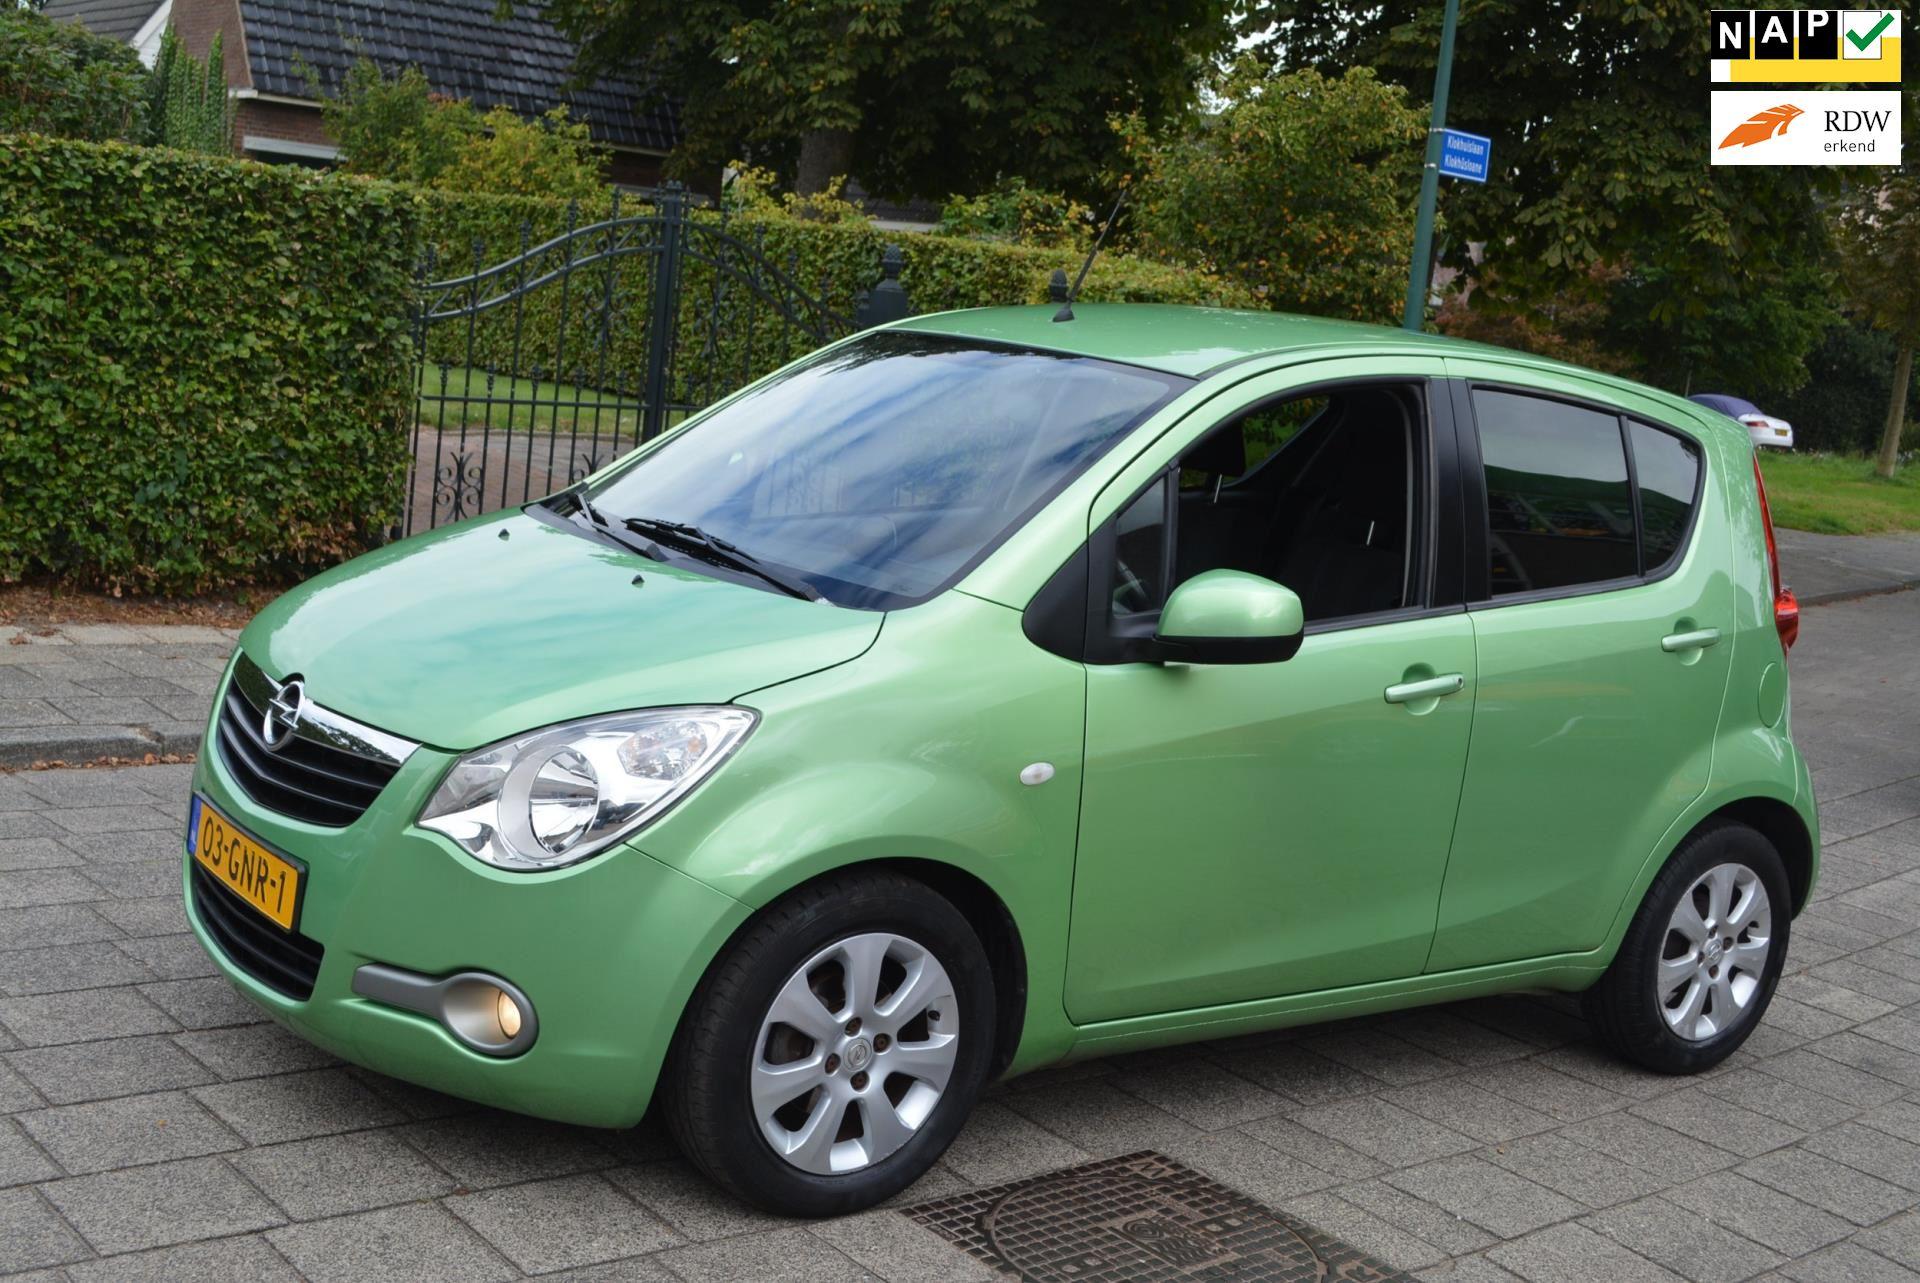 Opel Agila occasion - Autobedrijf Kiewiet (Auto 25)